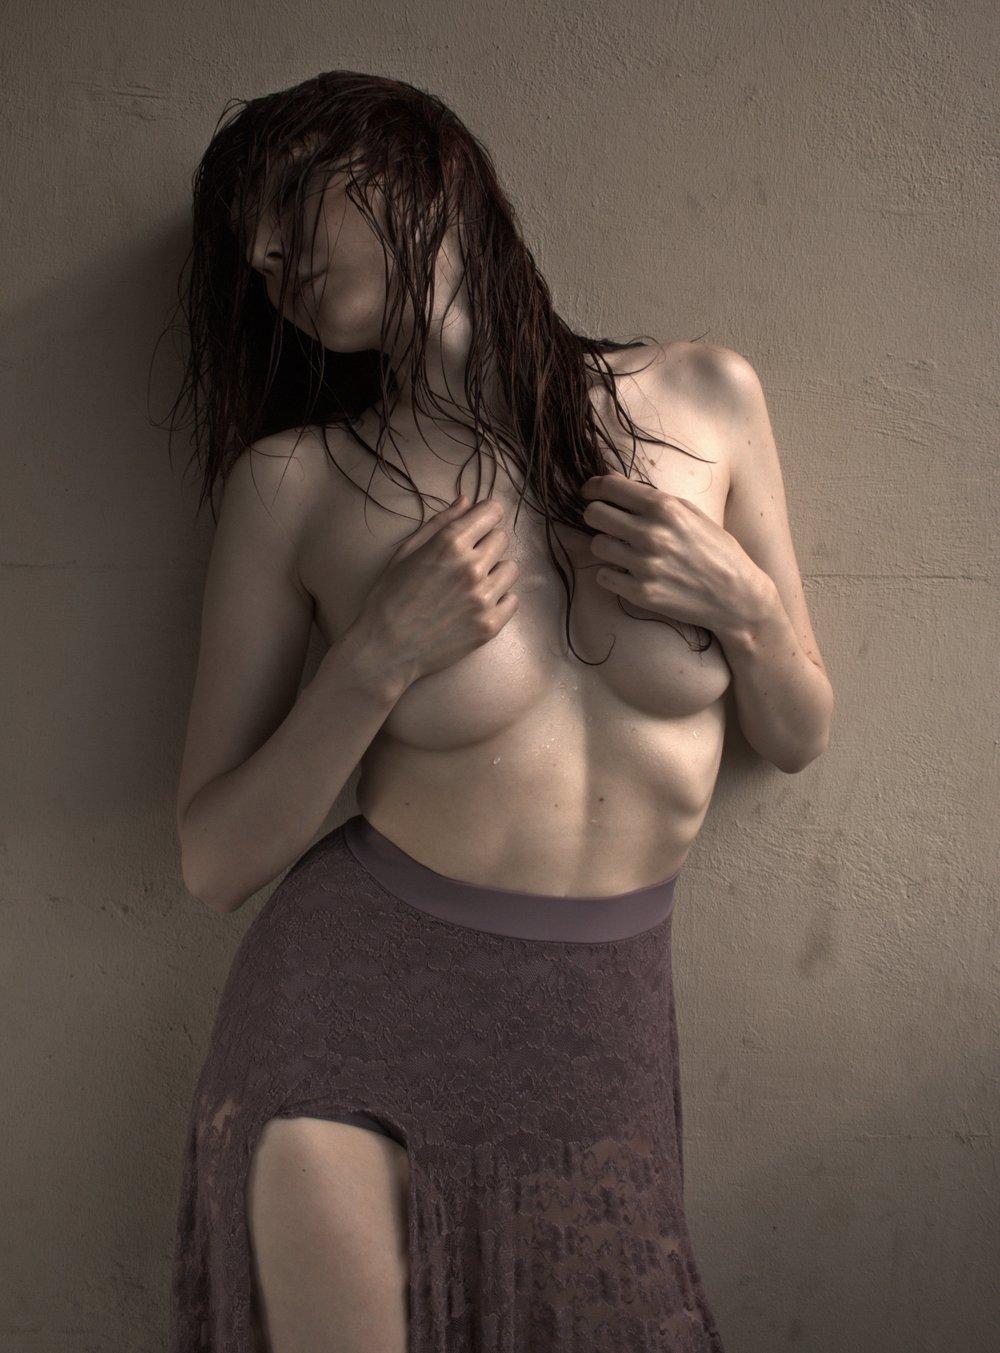 Photo by Derek Knight